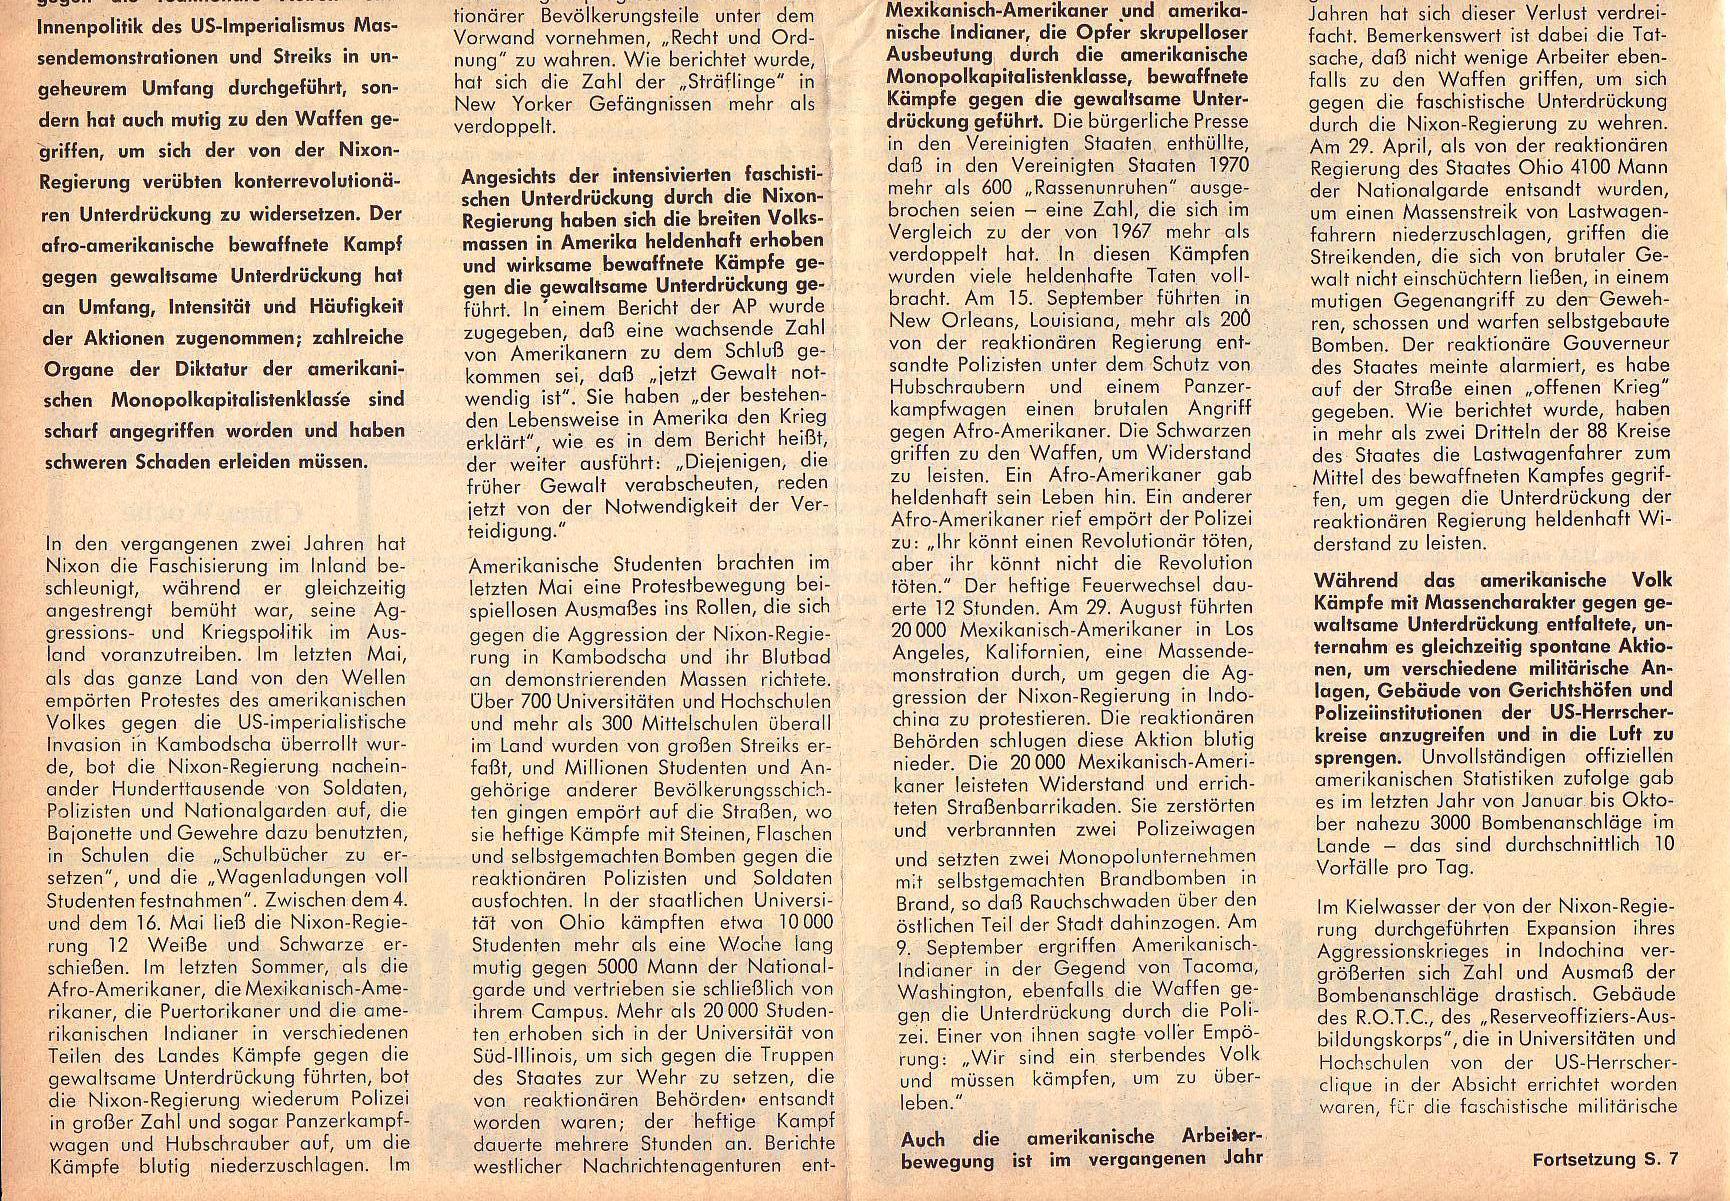 Roter Morgen, 5. Jg., März 1971, Nr. 3, Seite 6b